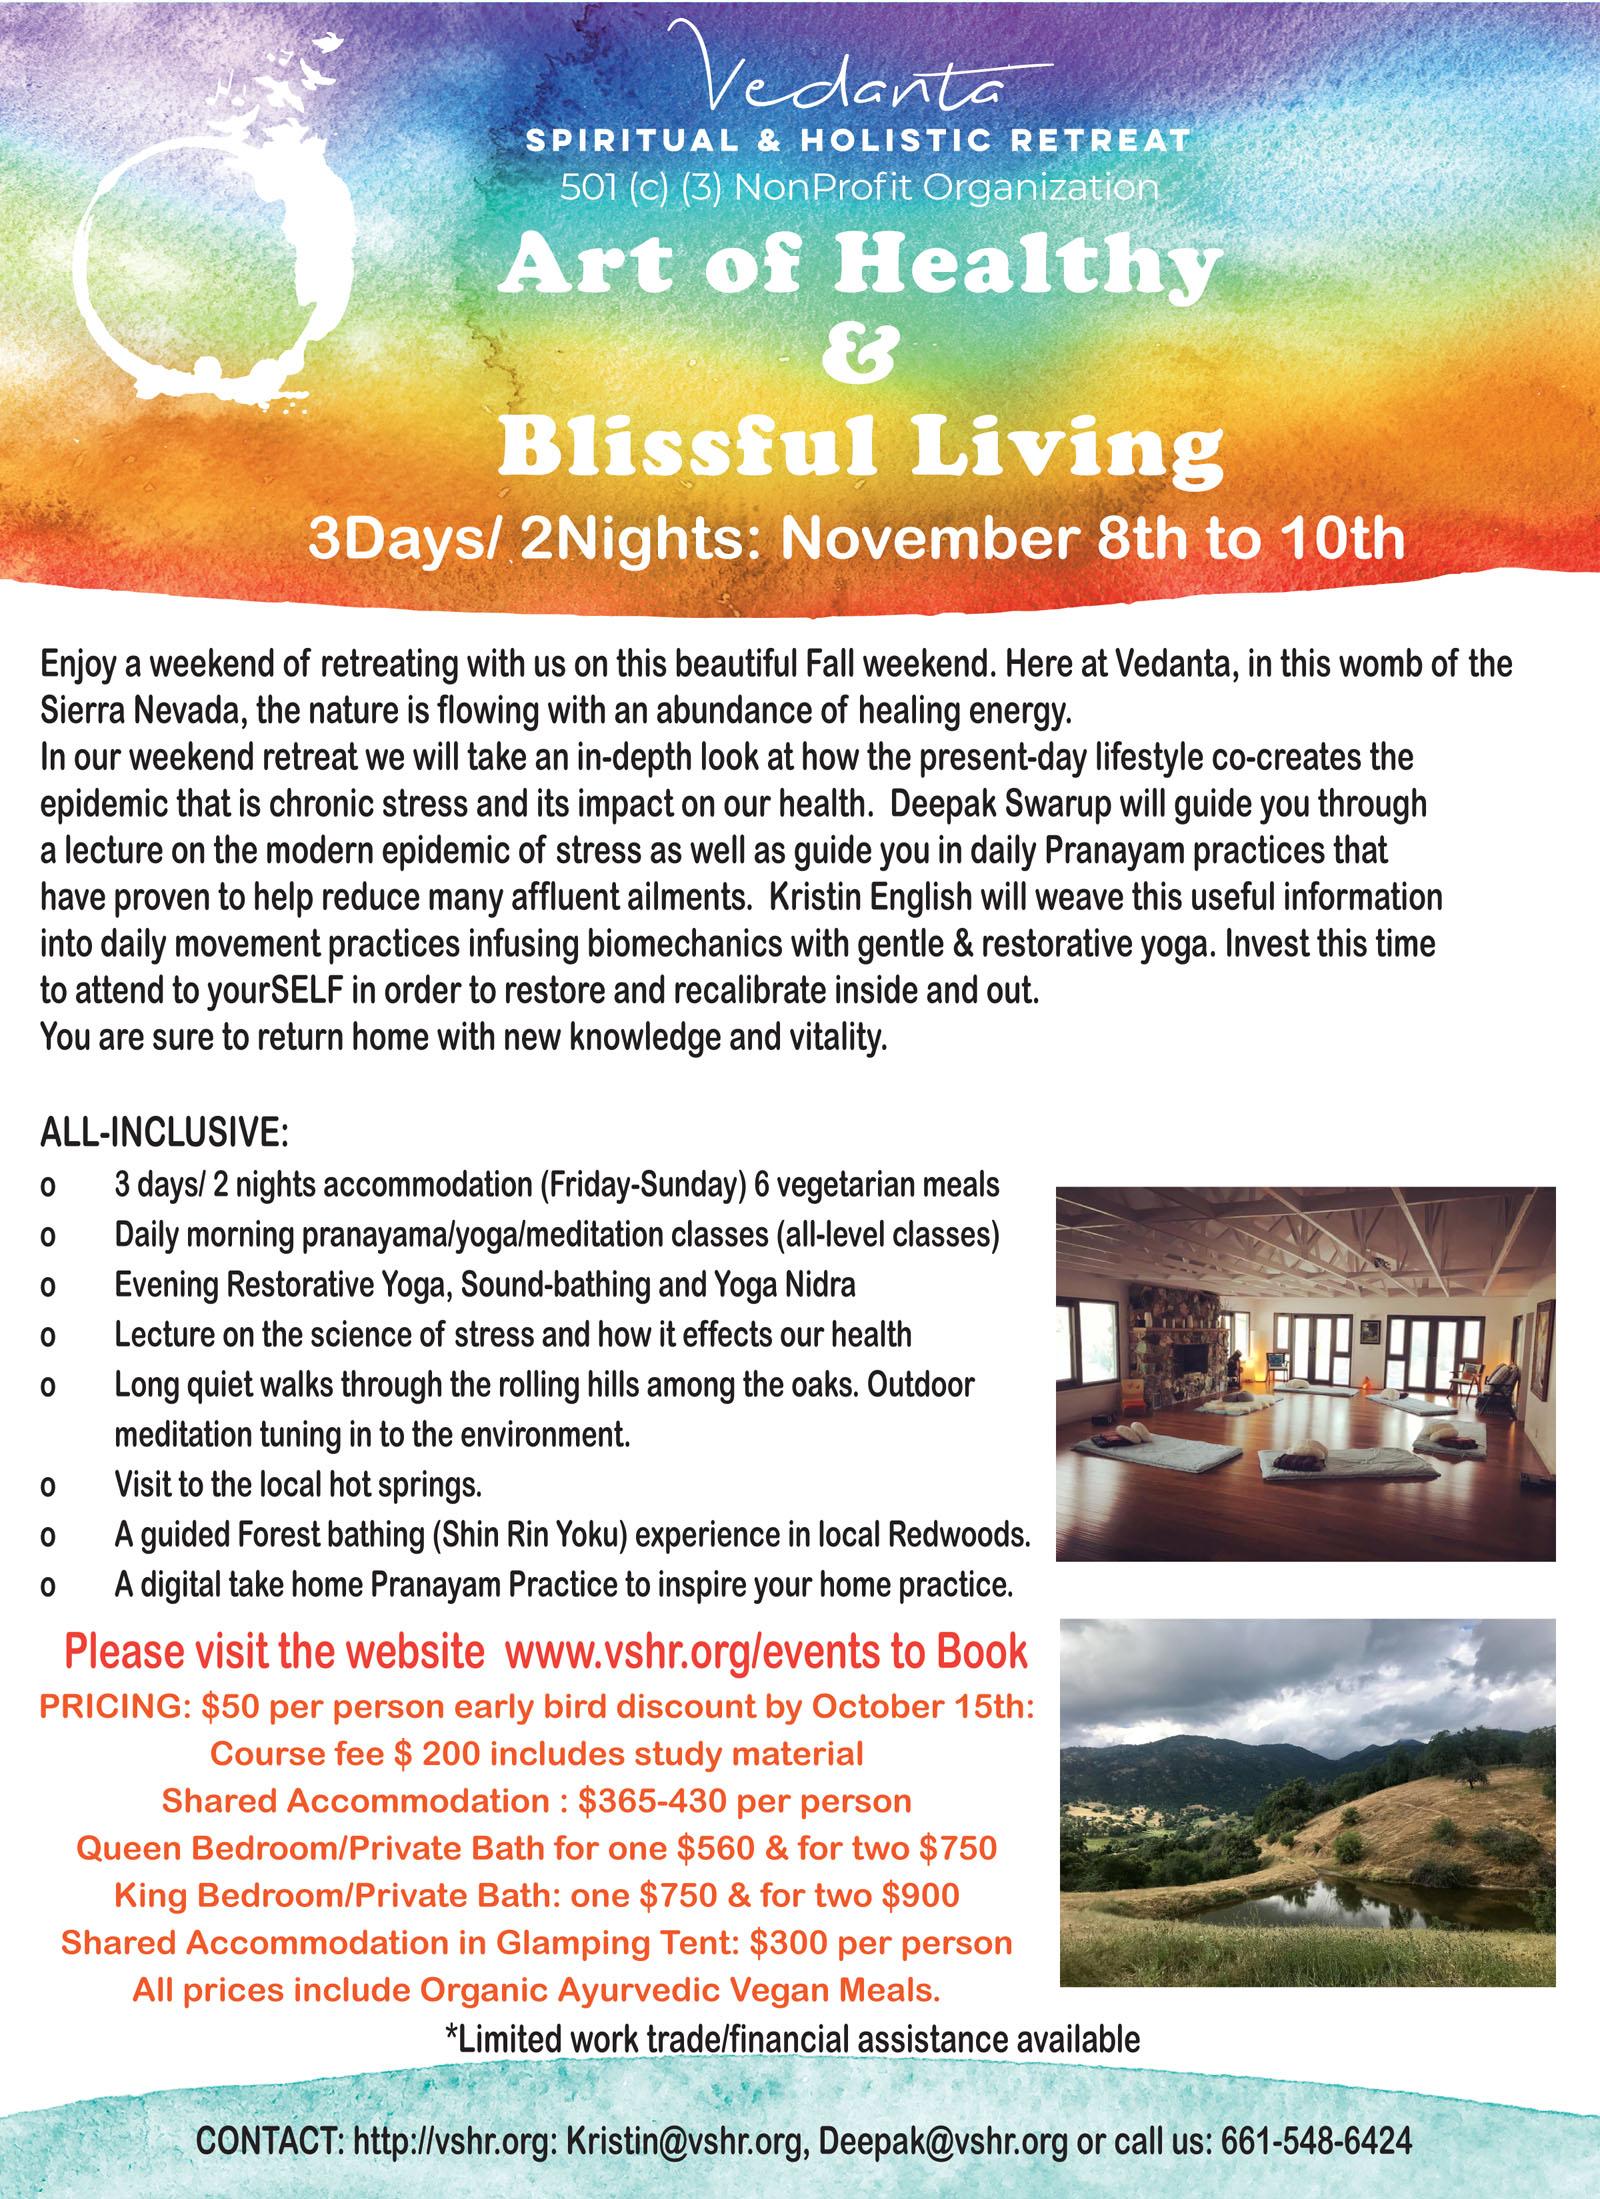 Artofhealthyweekend flyer 2 days.jpg